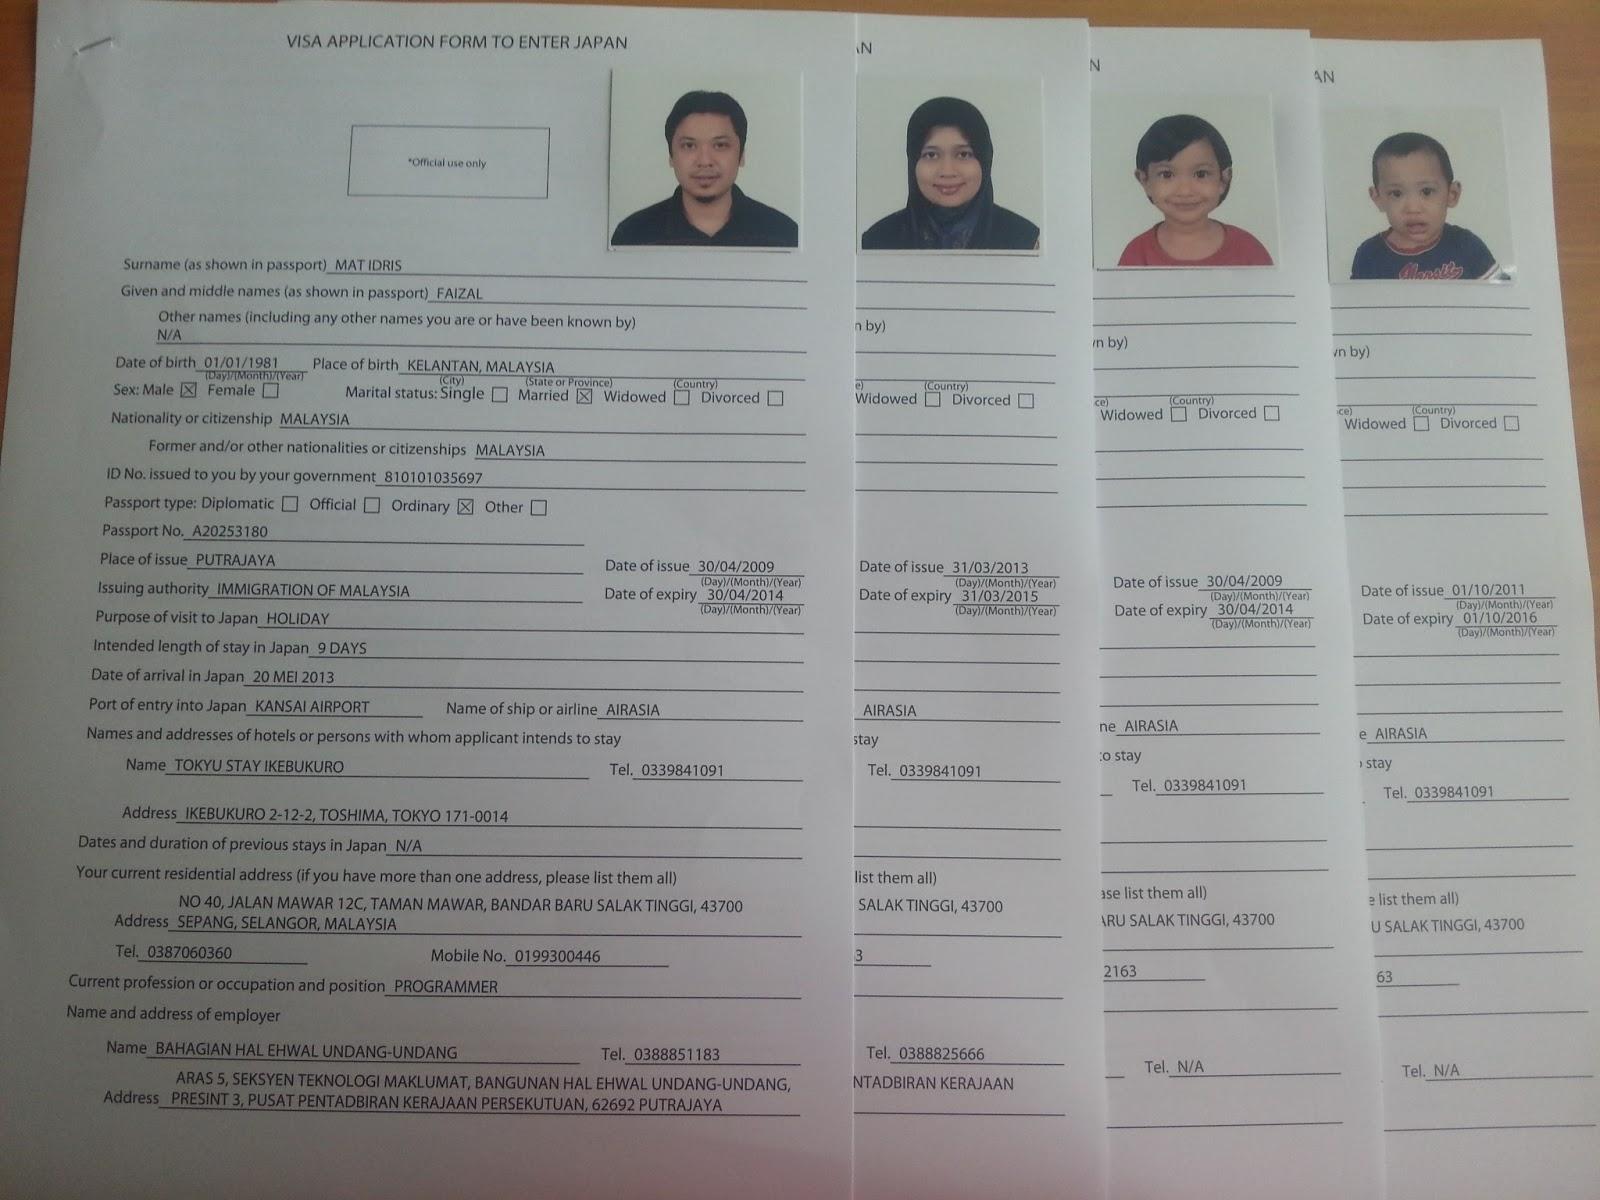 20130402_092510 Visa Application Form To Enter Japan Download on japan visa to enter, japan student visa, japan tourist, japan visa application fee, japan visa stamp, dating application form, japan immigration, example application form,